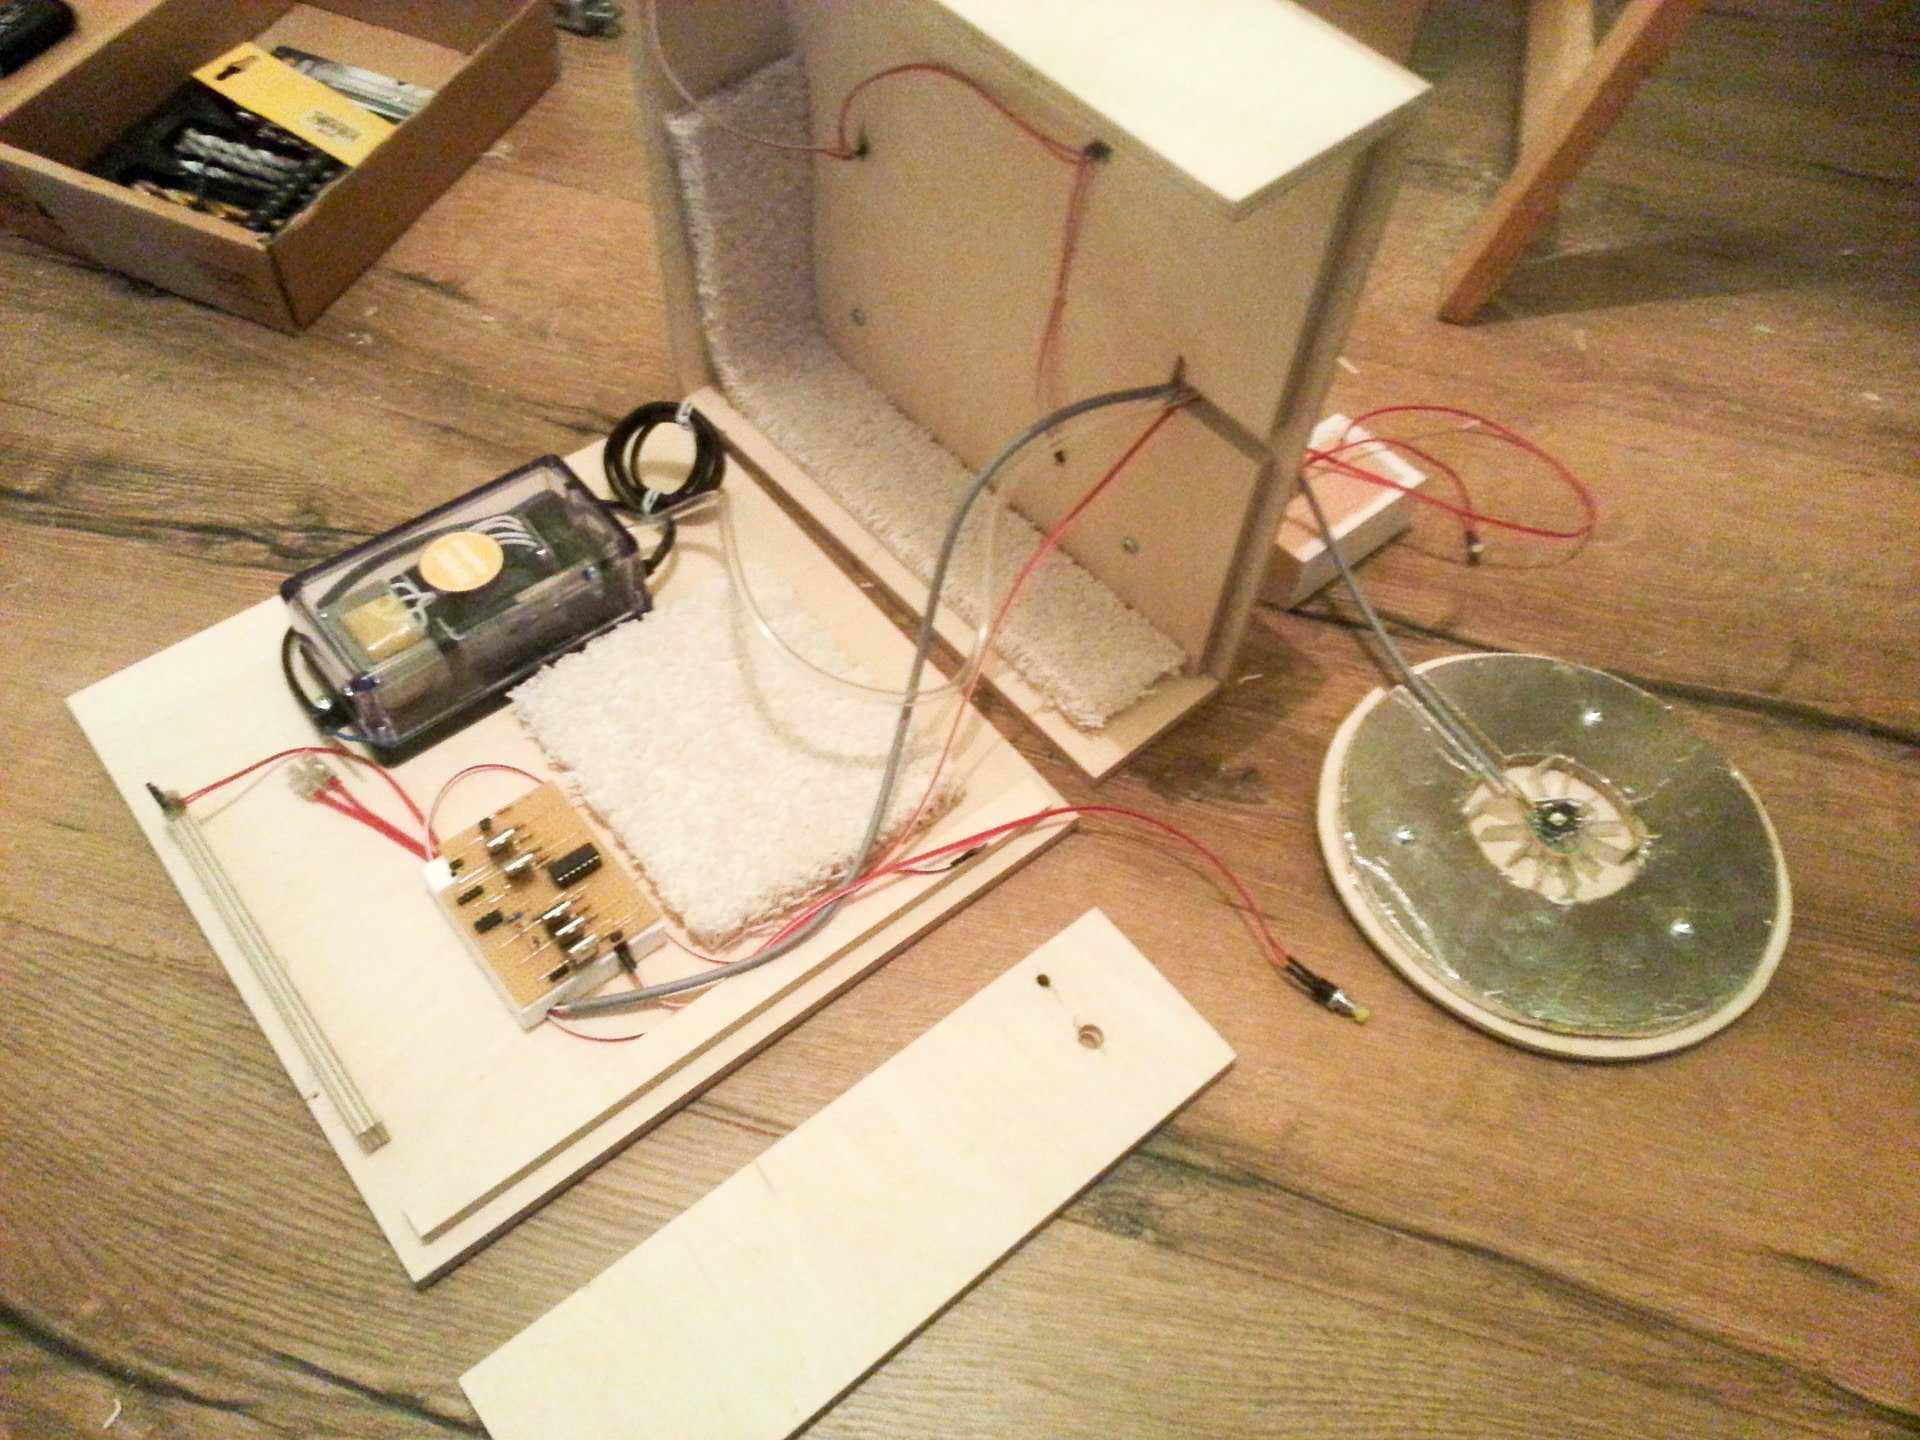 Eine Holzkiste ist aufgeklappt, darin ist Elektronik verbaut.